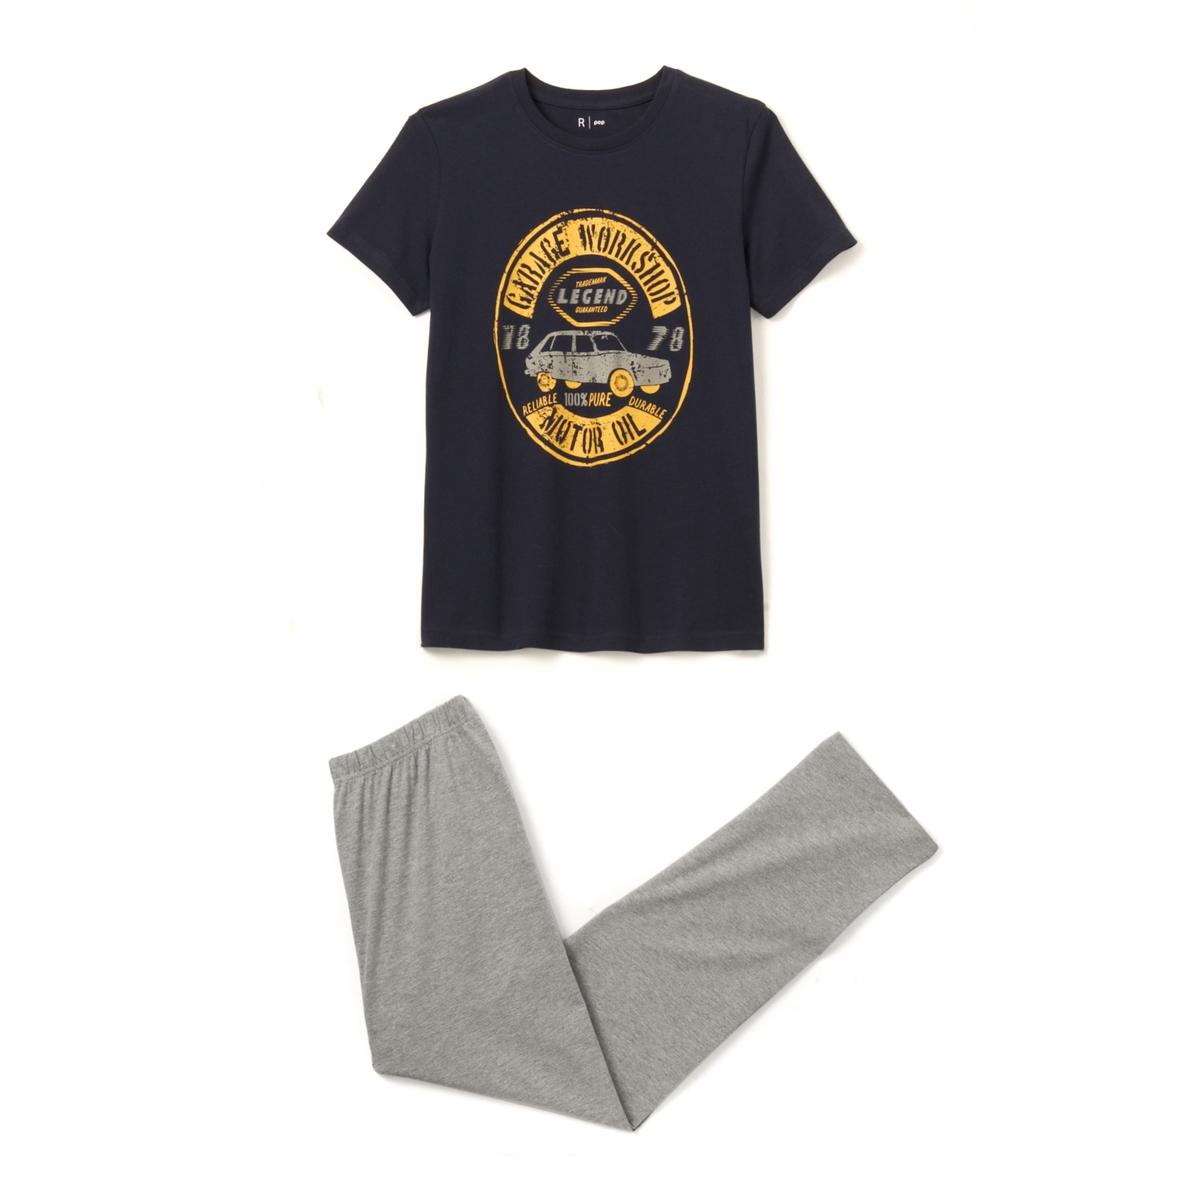 Пижама с рисунком из хлопка, 10-16 летПижама: футболка с короткими рукавами и брюки. Футболка с рисунком спереди  . Однотонные брюки с эластичным поясом.Состав и описание :   Материал       трикотаж джерси, 100% хлопк (кроме цвета серый меланж, : с преобладанием хлопка)  Уход :Машинная стирка при 30 °C с вещами схожих цветов.  Стирка и глажка с изнаночной стороны.  Машинная сушка в умеренном режиме.  Гладить при умеренной температуре.<br><br>Цвет: темно-синий/серый меланж<br>Размер: 10 лет - 138 см.14 лет - 162 см